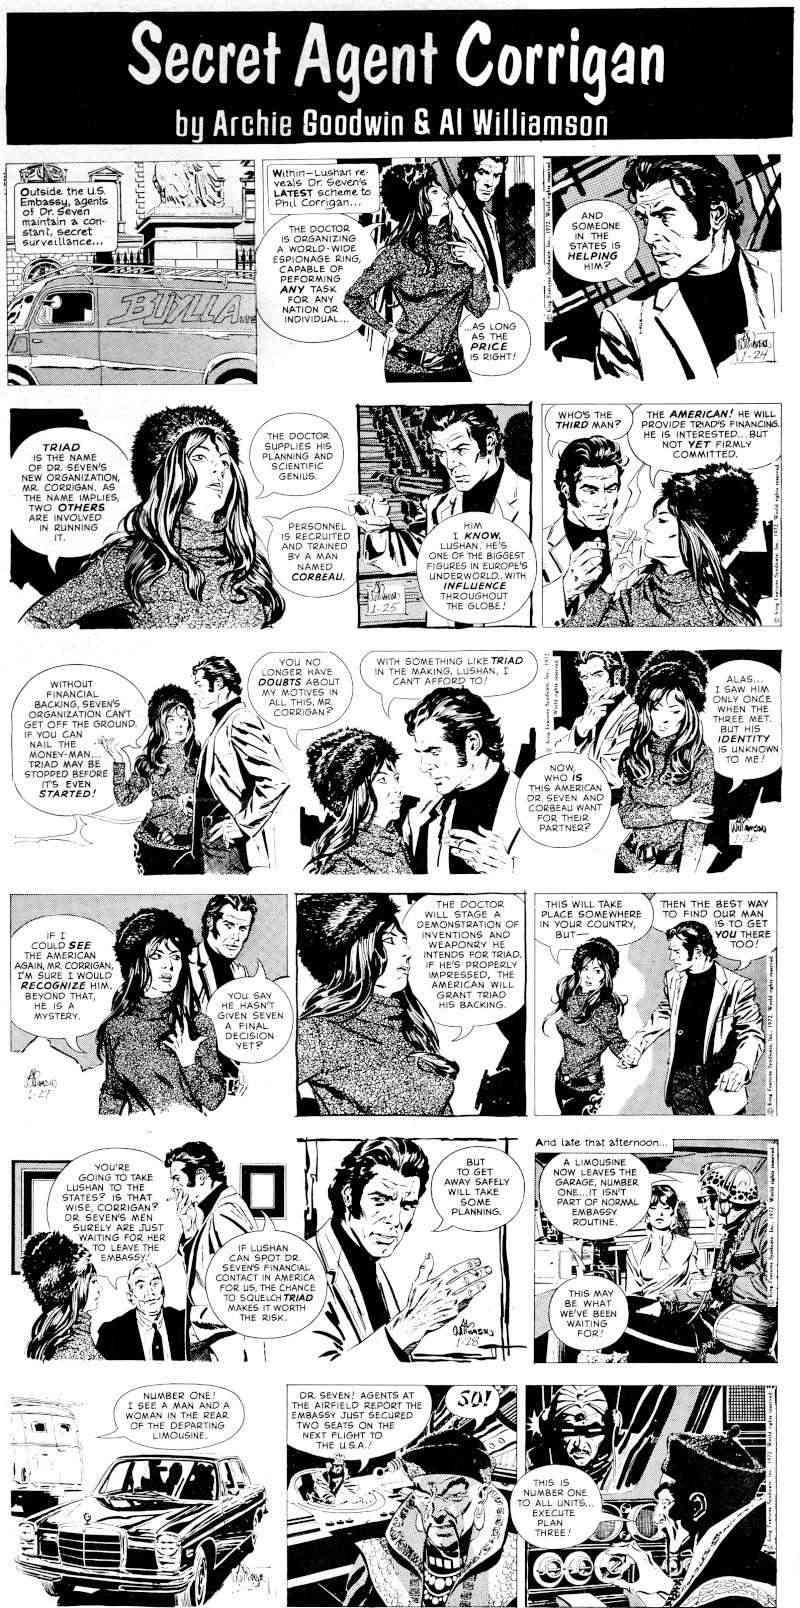 Dédié à Al Williamson - Page 2 Mfg00810